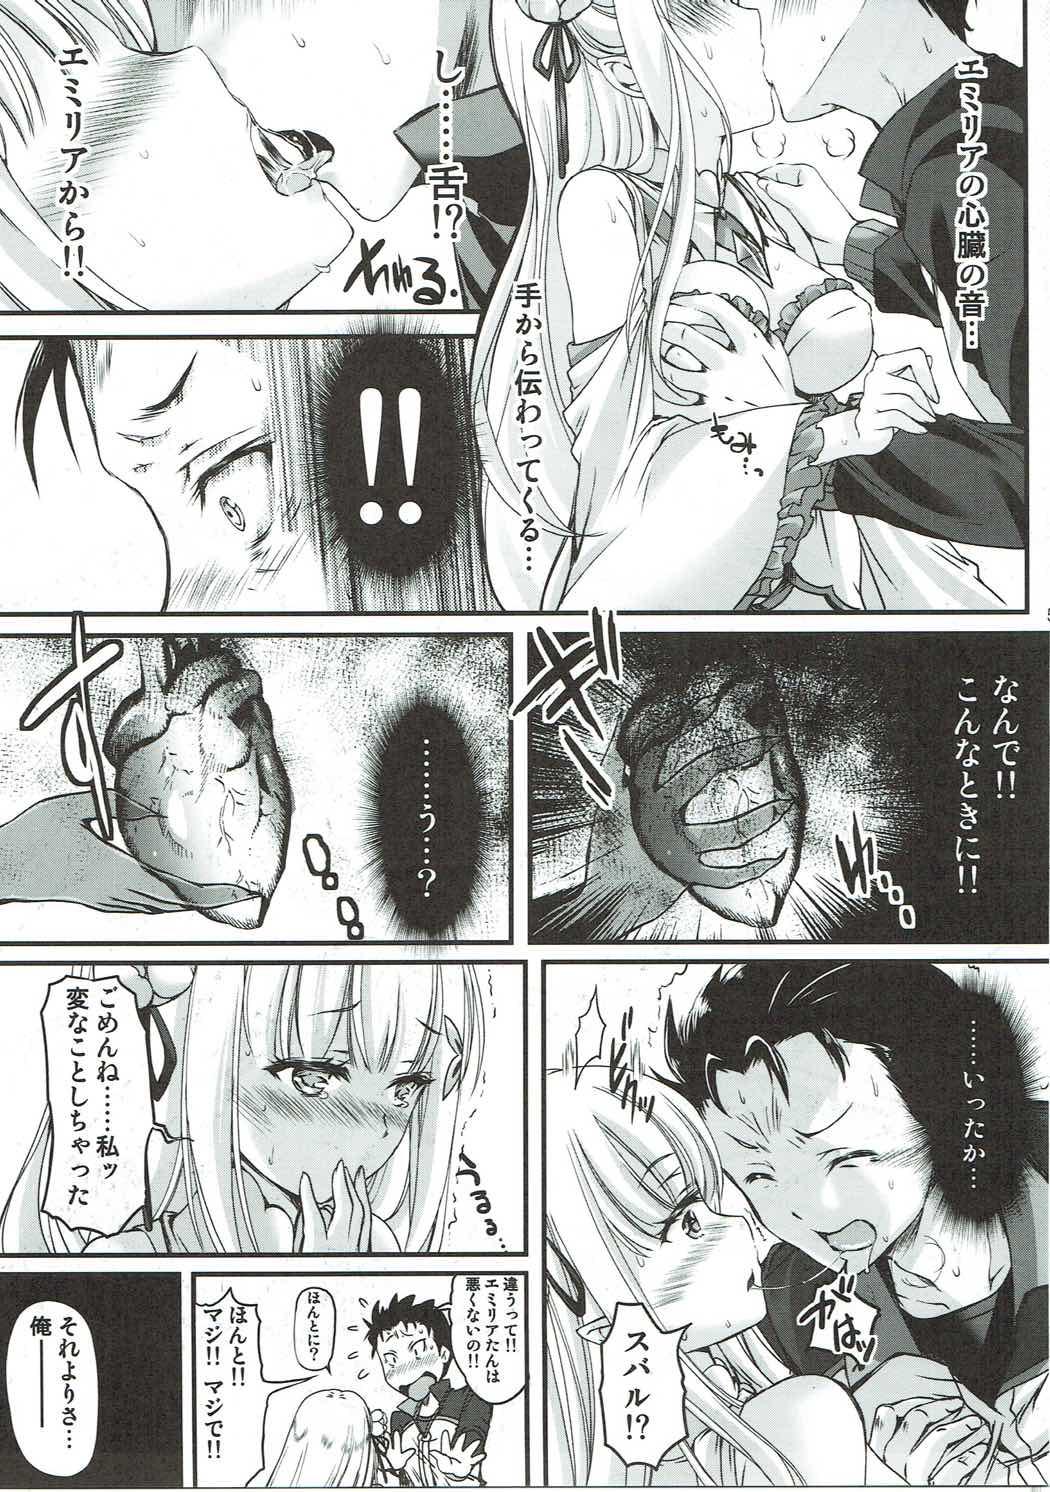 【リゼロ エロ漫画・エロ同人】エミリアとの初めてのセックスを楽しみたいのに手コキで邪魔されて何度も発射することにwwwww (4)